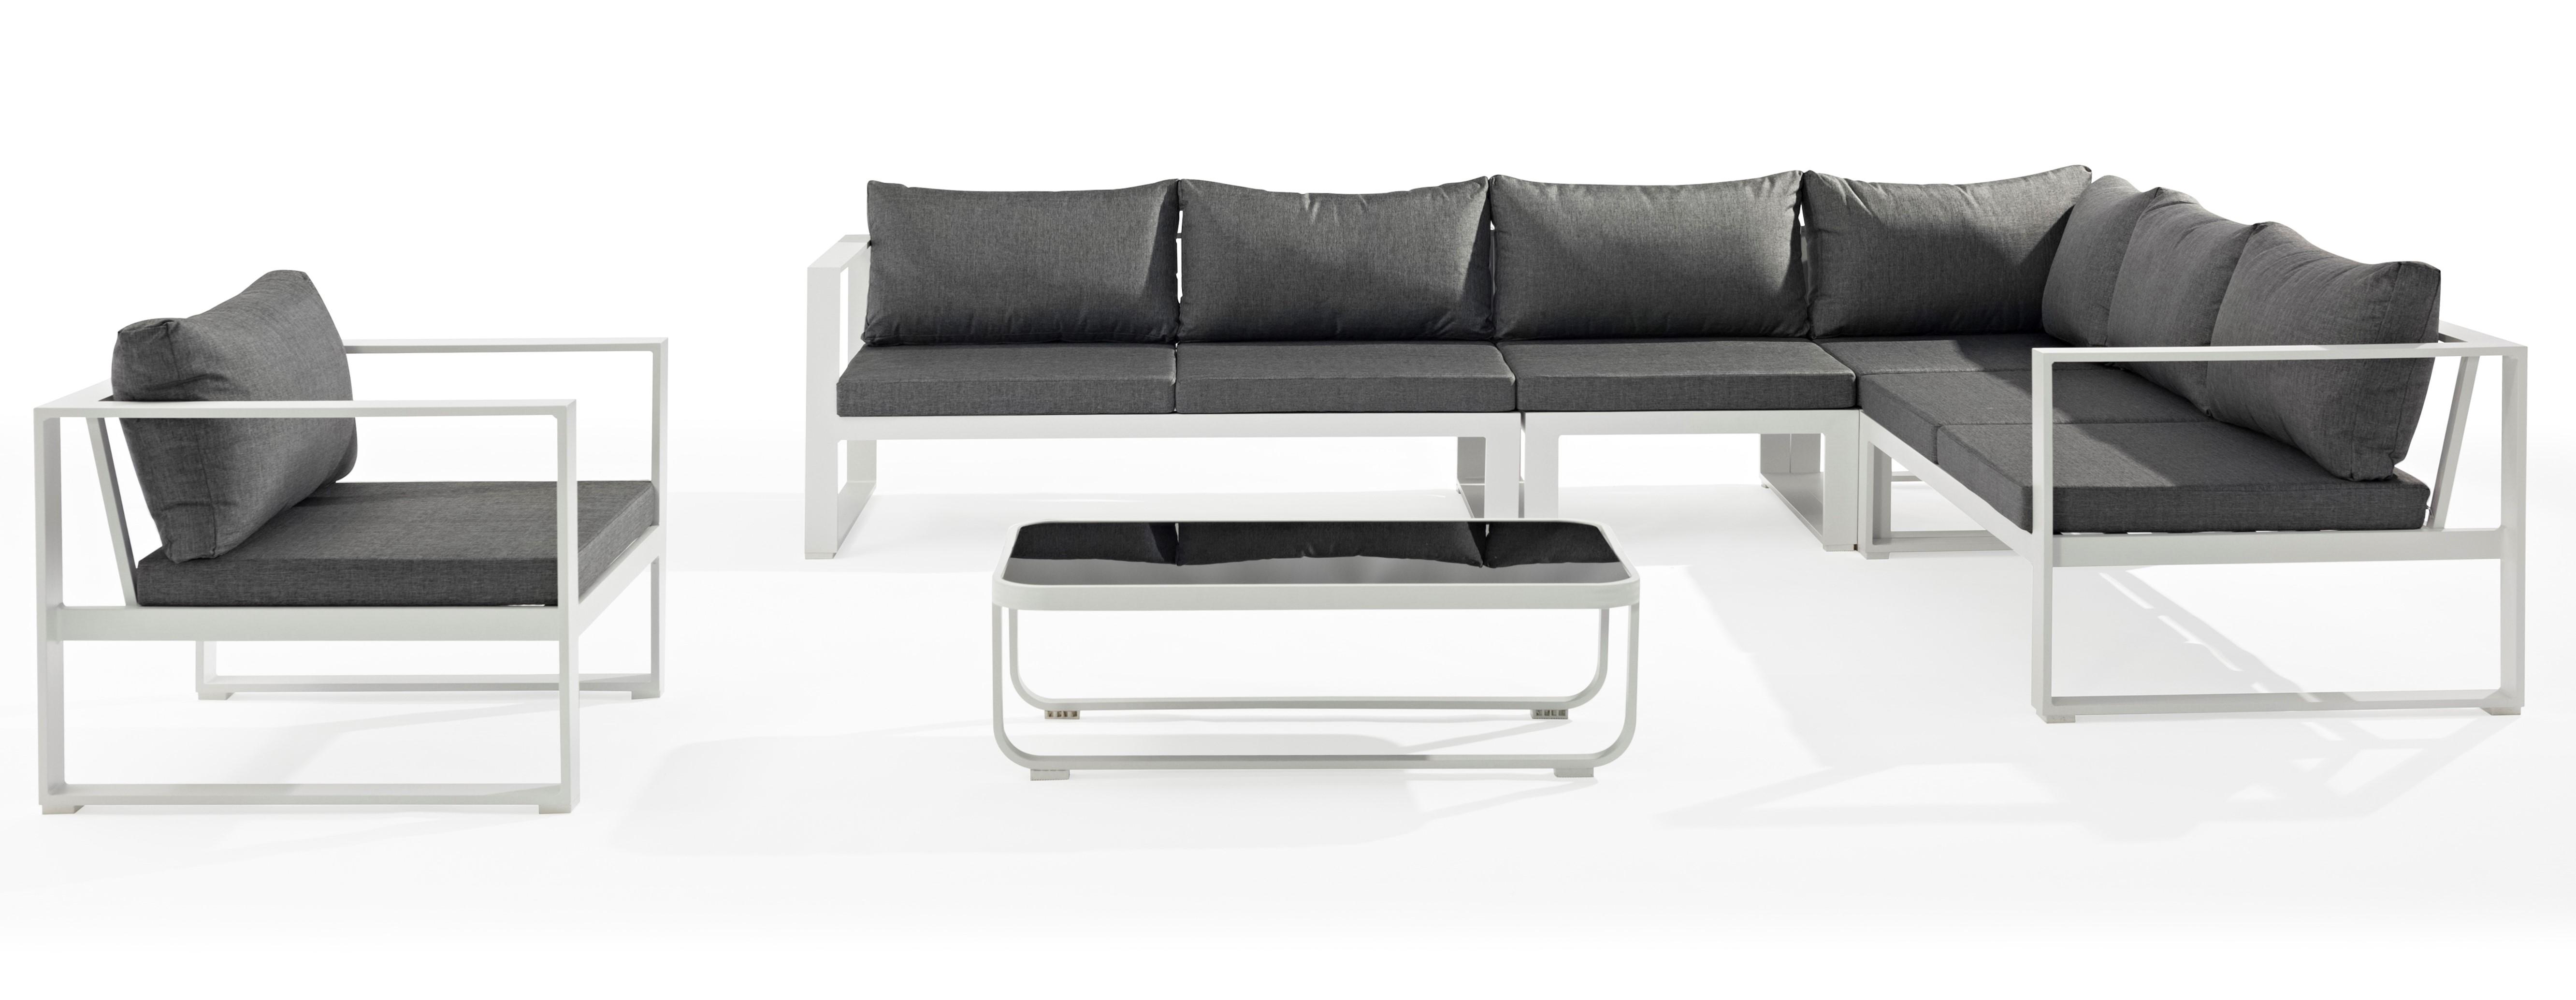 Salon de Jardin MIAMI 6 pièces en aluminium blanc gris et coussins tissu  gris